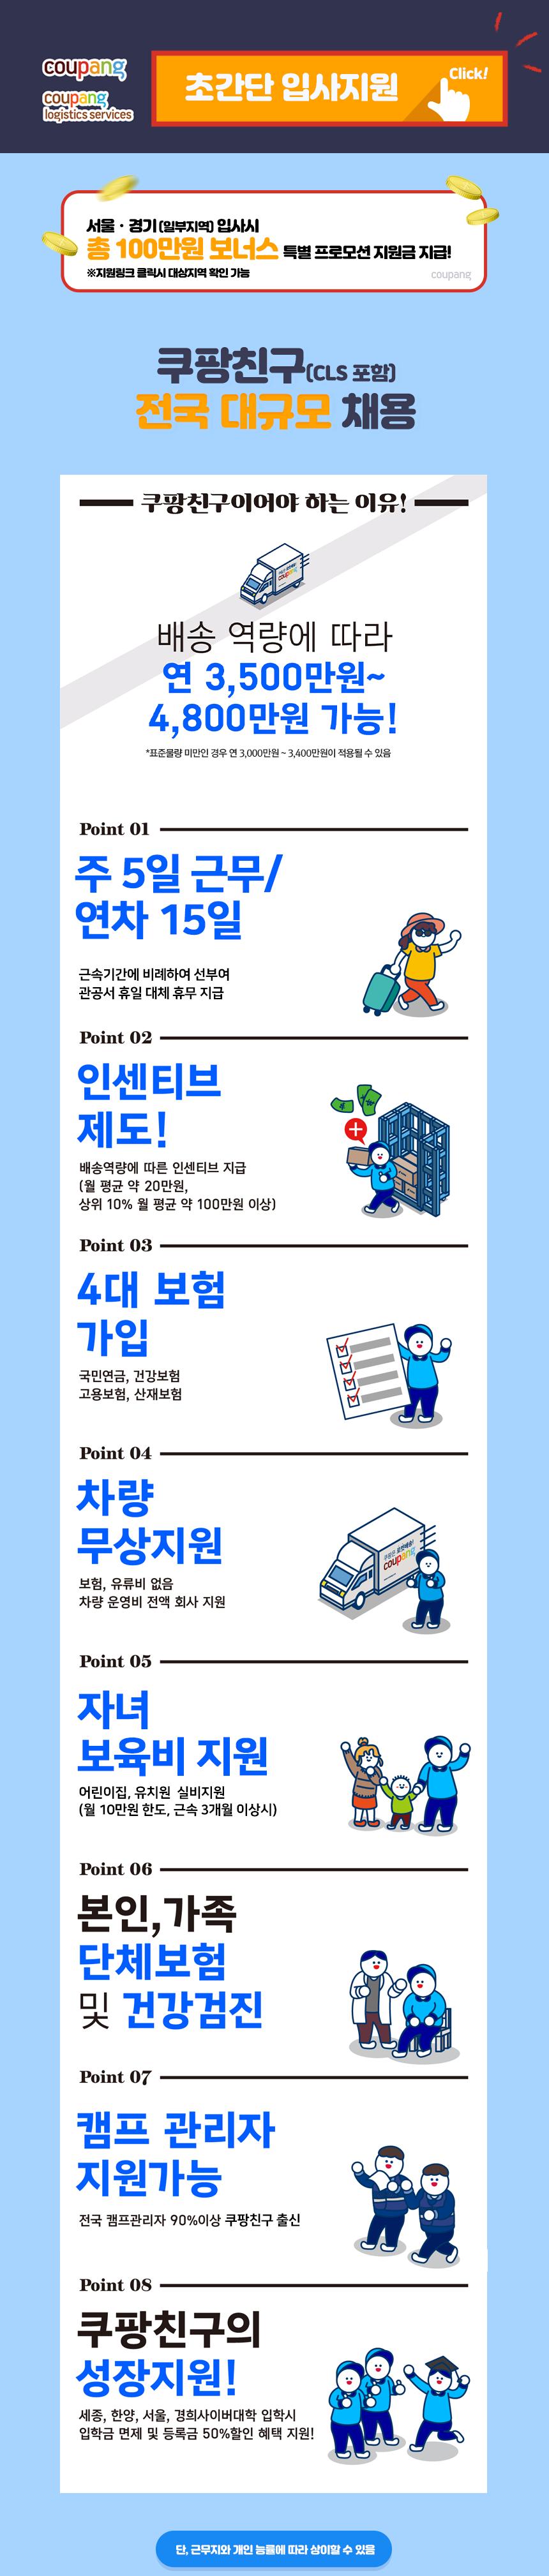 쿠팡맨 채용(월400가능/주5일/연차15일/신입,여성가능)